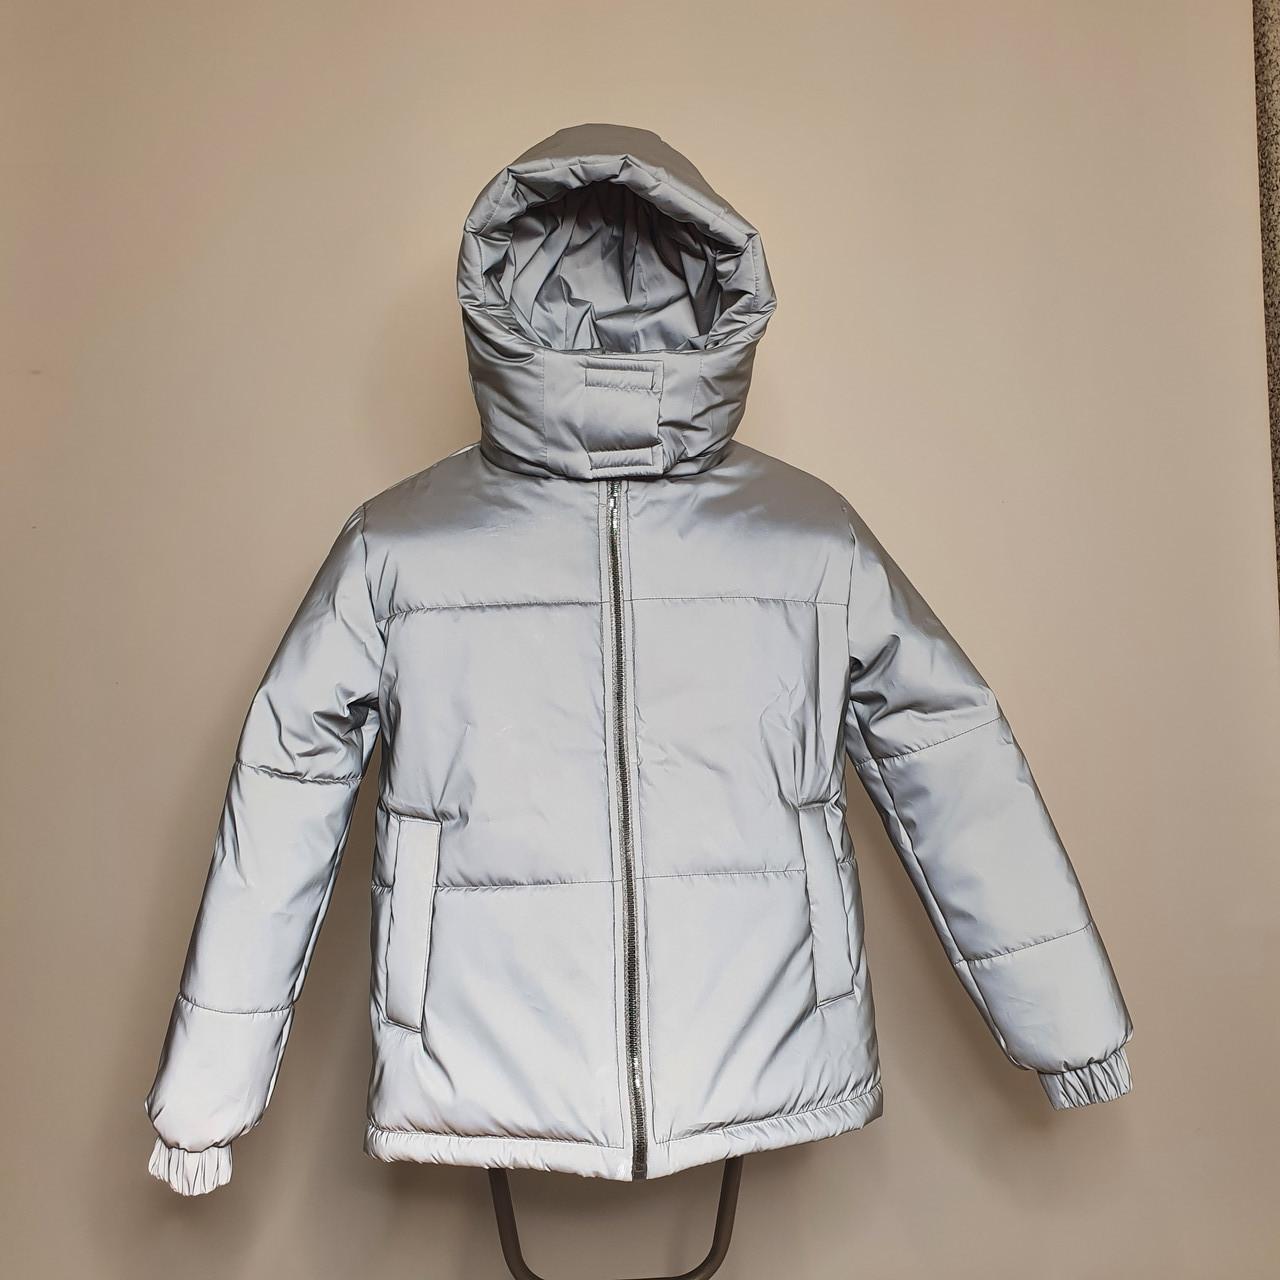 Світловідбиваюча жіноча куртка з рефлективної тканини з капюшоном р-ри 38-48 Ванда Рефлектив